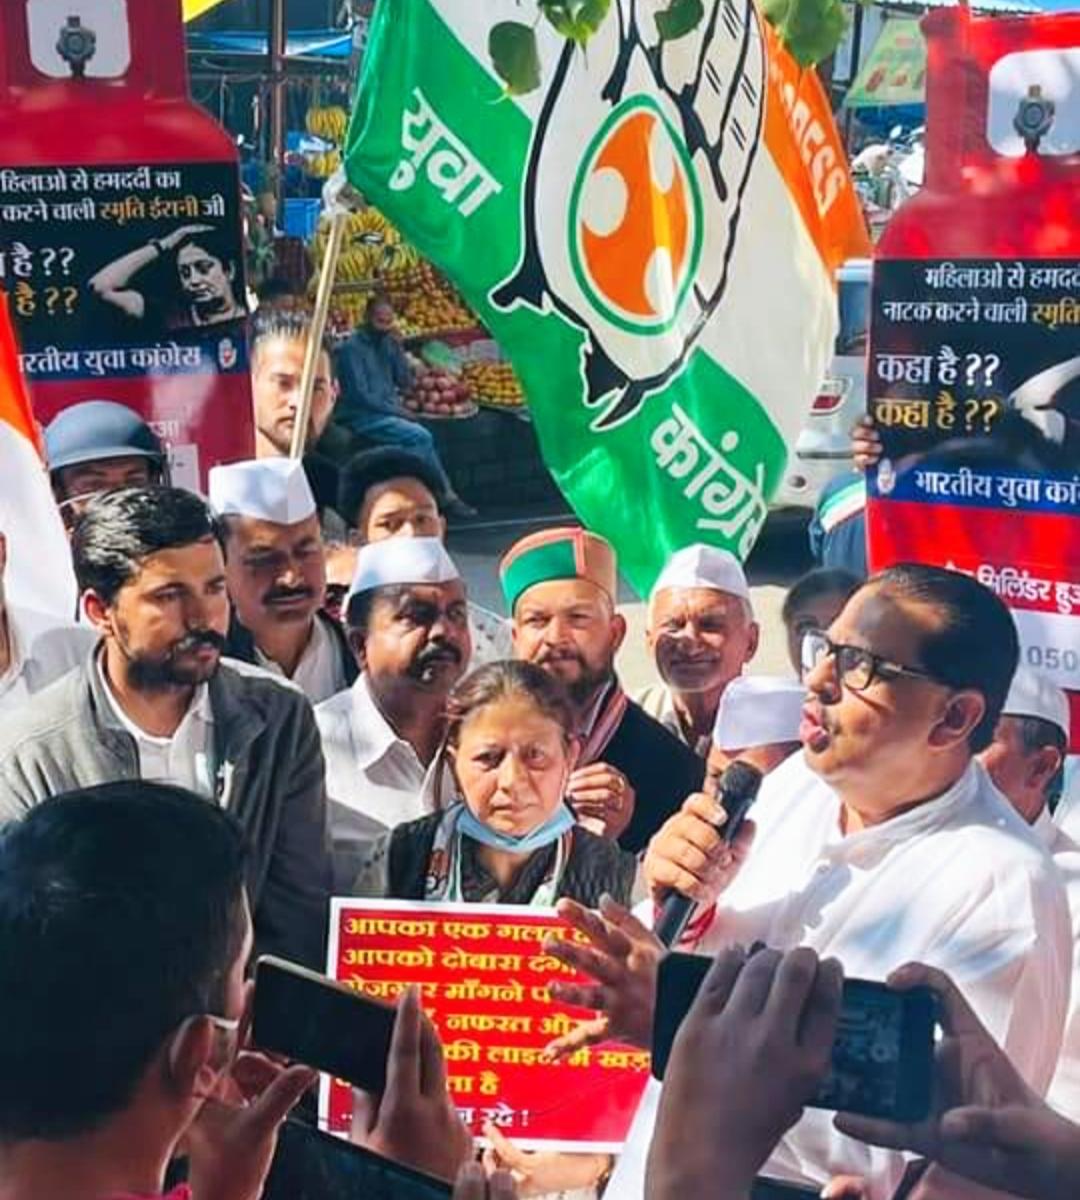 महंगाई, बेरोजगारी व भ्रष्टाचार को लेकर कांग्रेस के अग्रणी संगठनों का धरना-प्रदर्शन, पूछा- स्मृति ईरानी कहाँ है…?